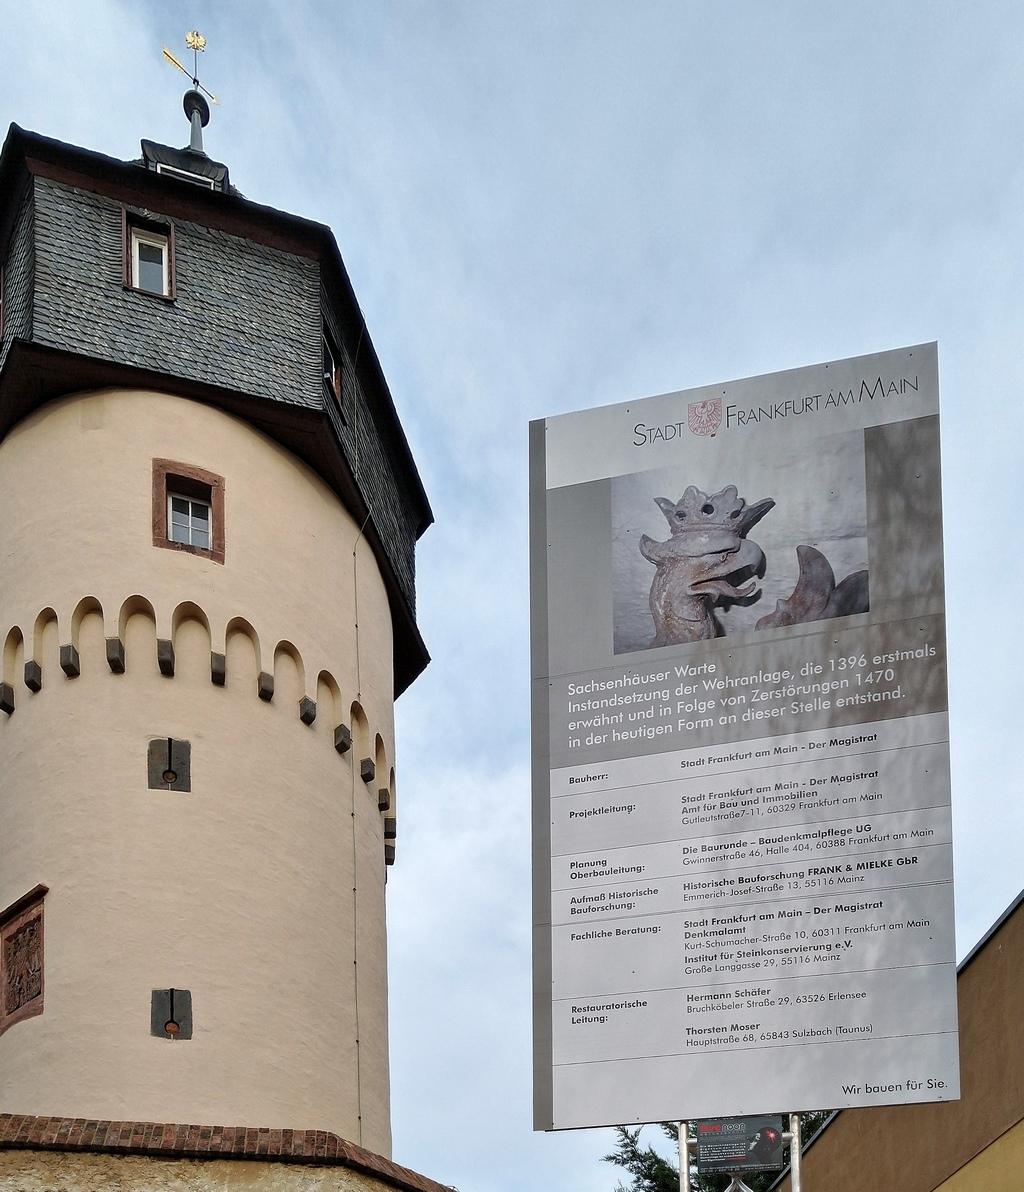 Bild: https://www.deutsches-architektur-forum.de/pics/schmittchen/4248_sachsenhaeuser-warte.jpg